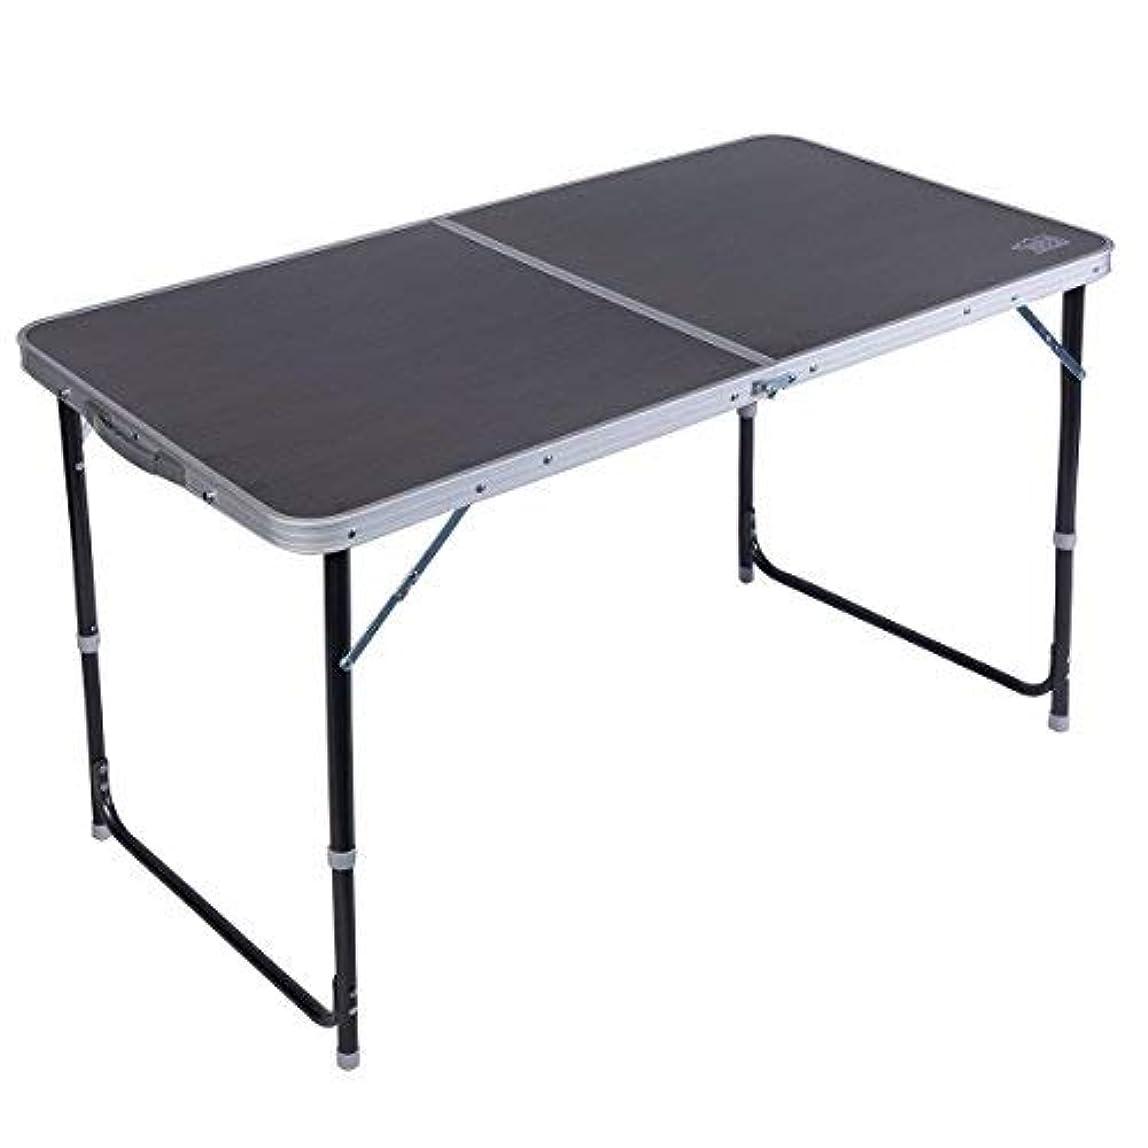 市の中心部エジプト人助手Timber Ridge Adjustable Height Portable Lightweight Folding Utility Outdoor Camping Table [並行輸入品]